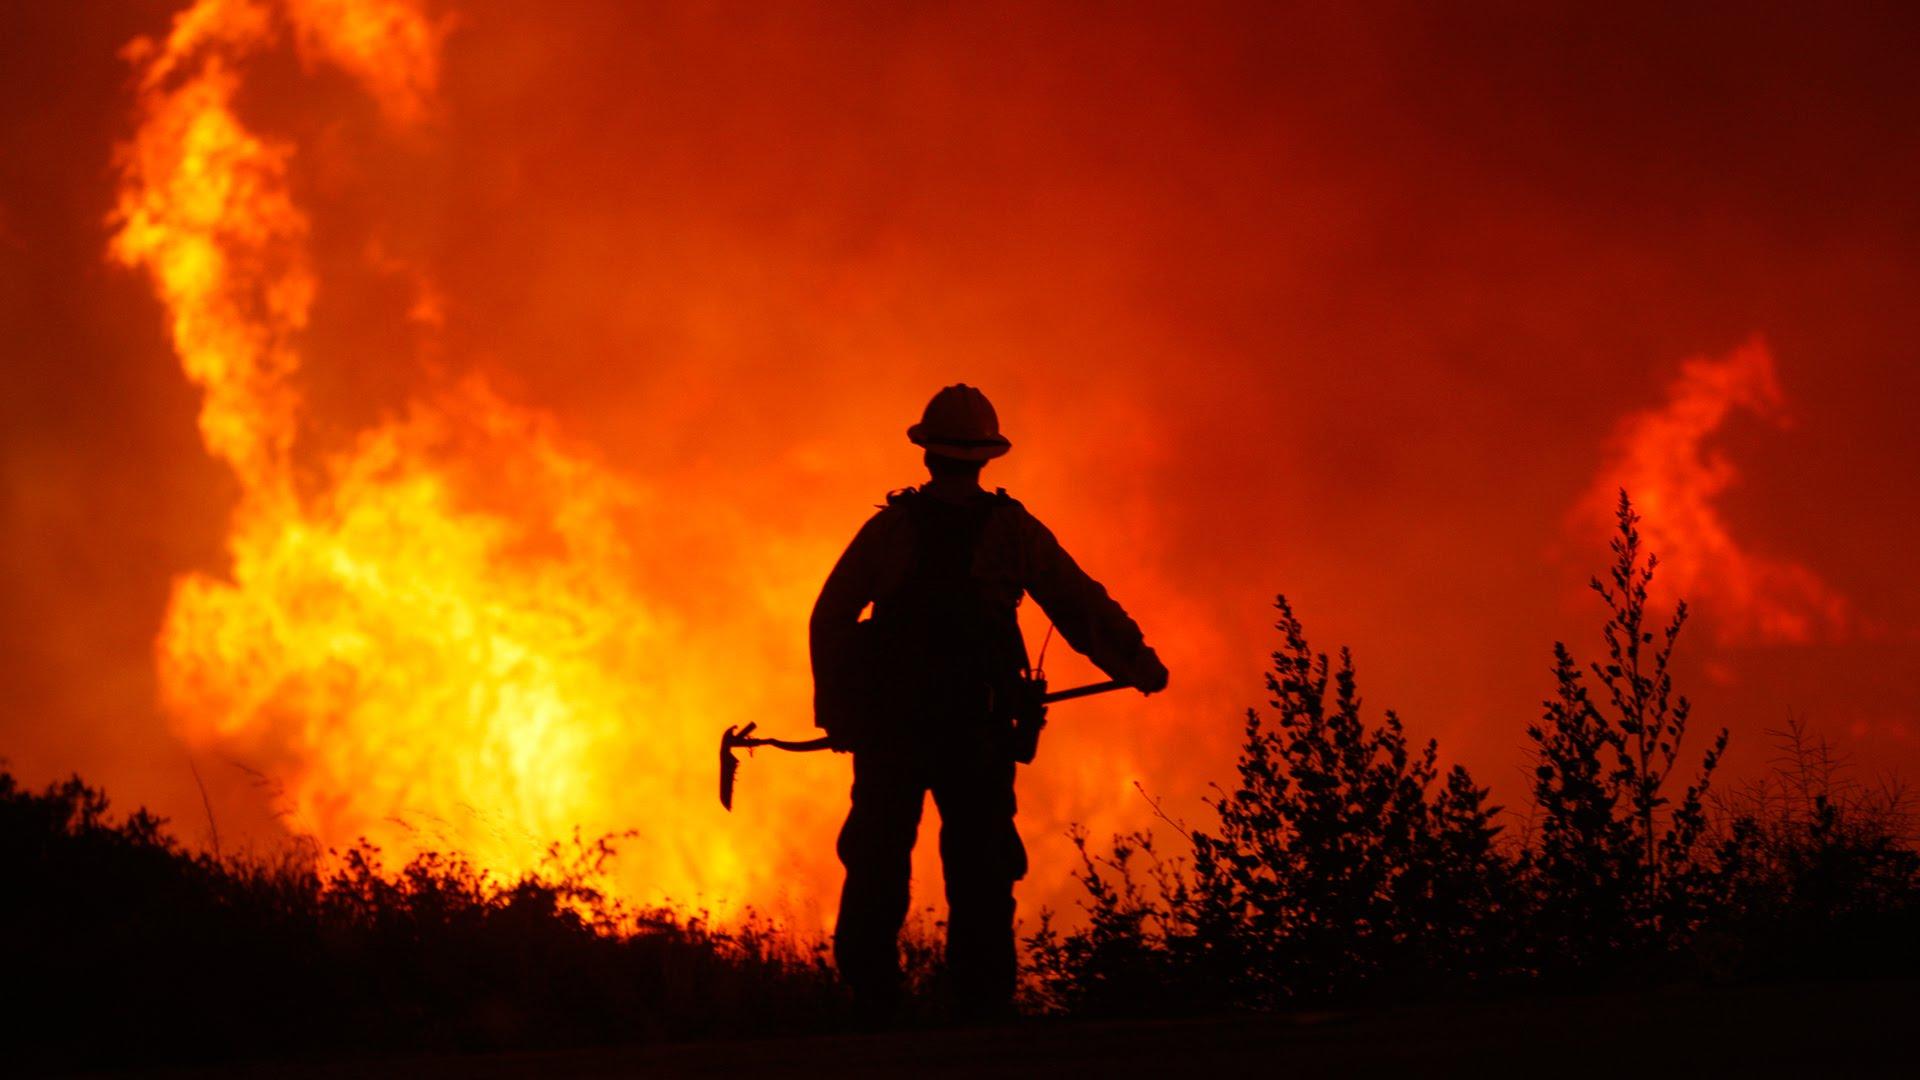 emergencias incendios iso 22320